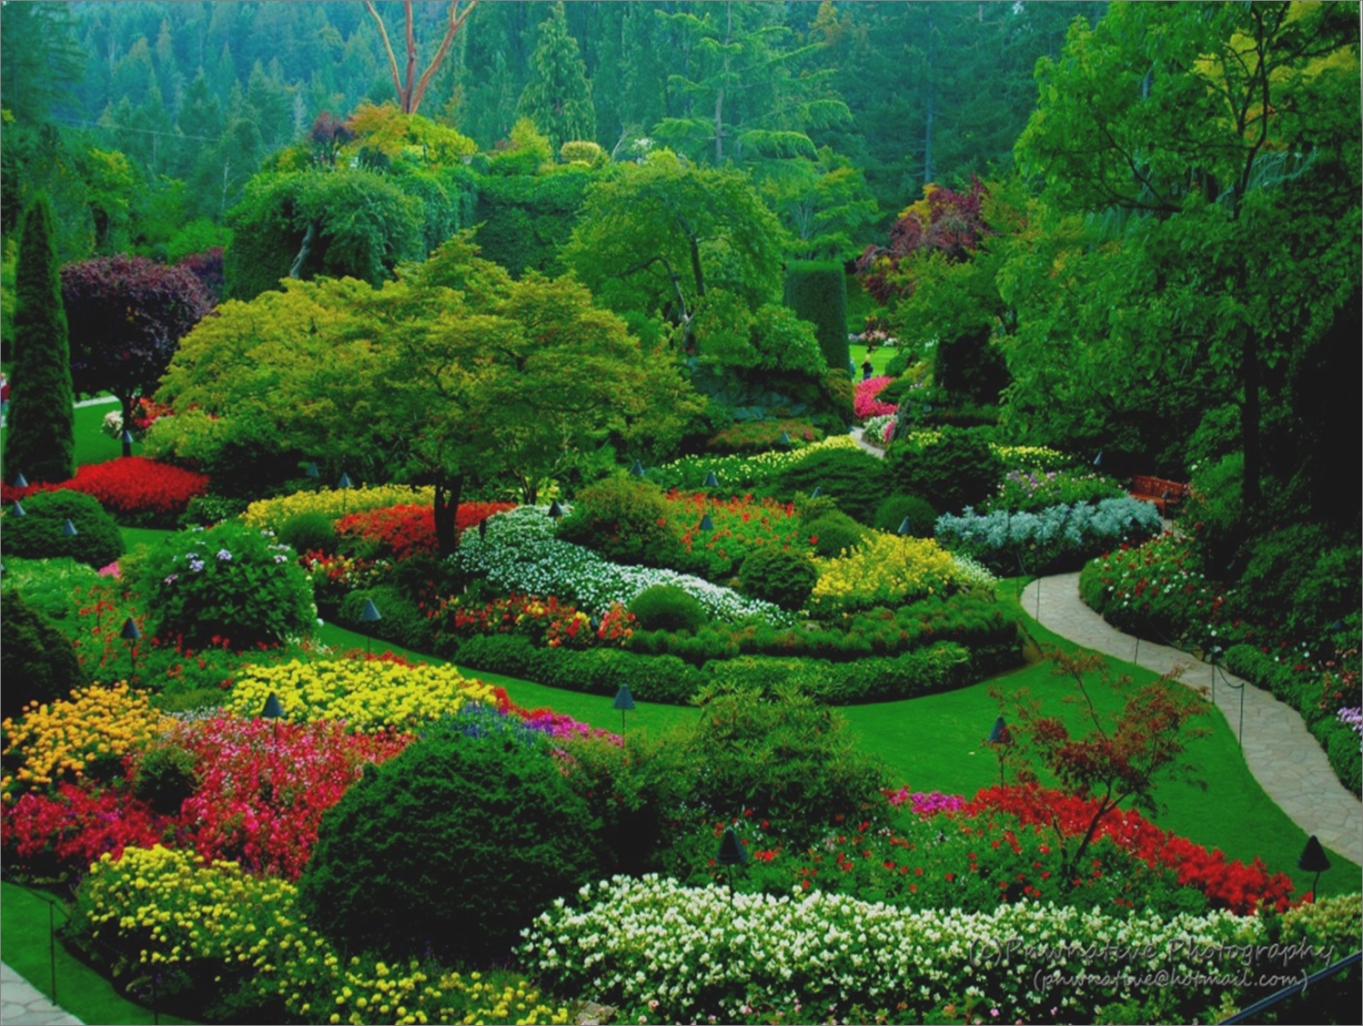 fotos de um jardim florido como um jardim completo de rosas, variadas